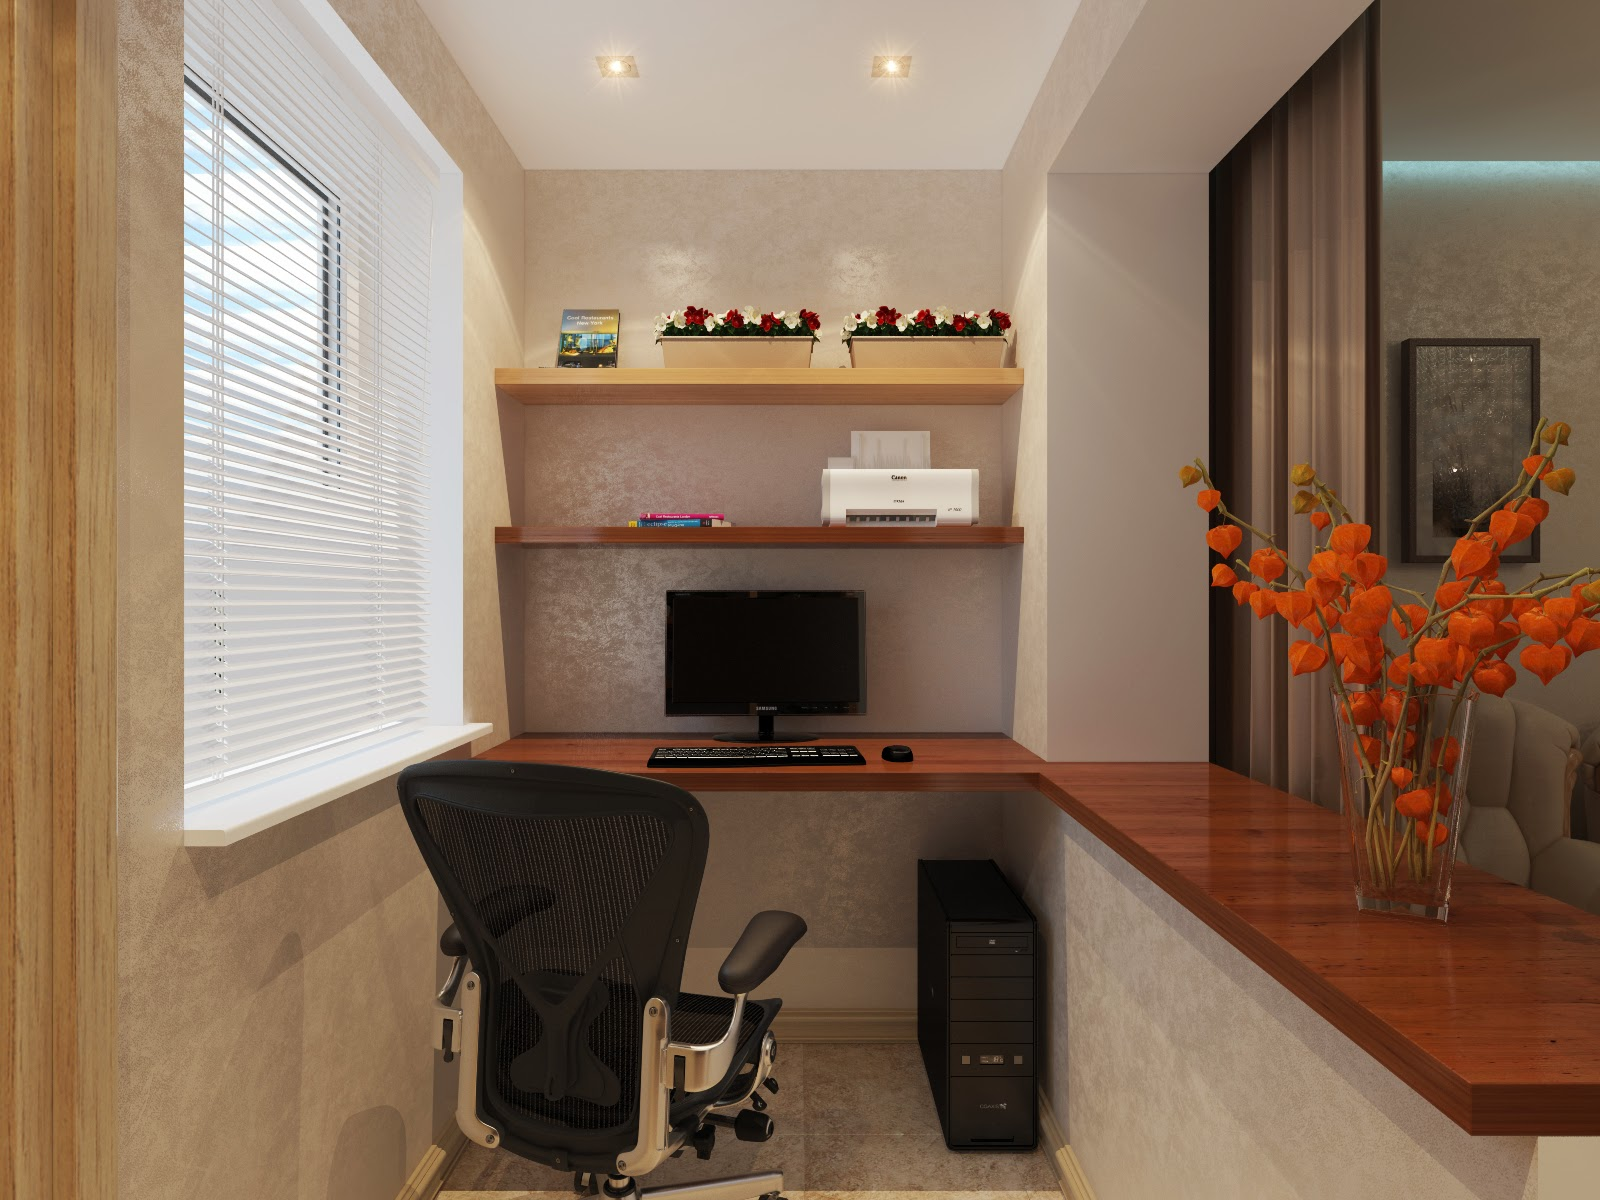 Дизайн маленького балкона совмещенного с комнатой